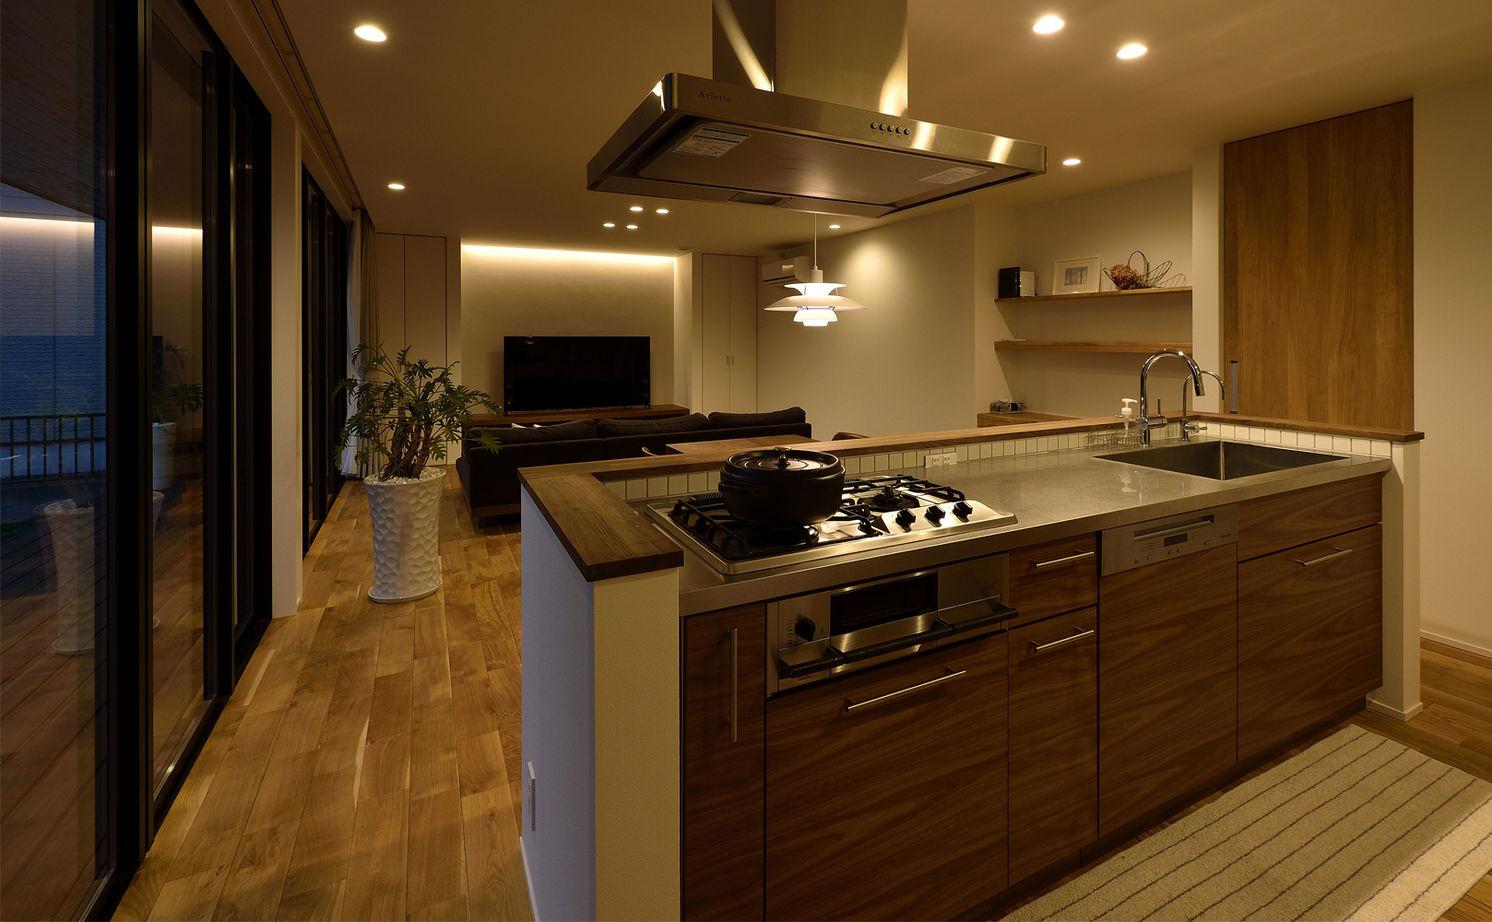 【平屋/シンプルモダン】シャープさの中に溶け込む素材の優しさが、寛ぎの空間を創り出すガレージのある家画像3